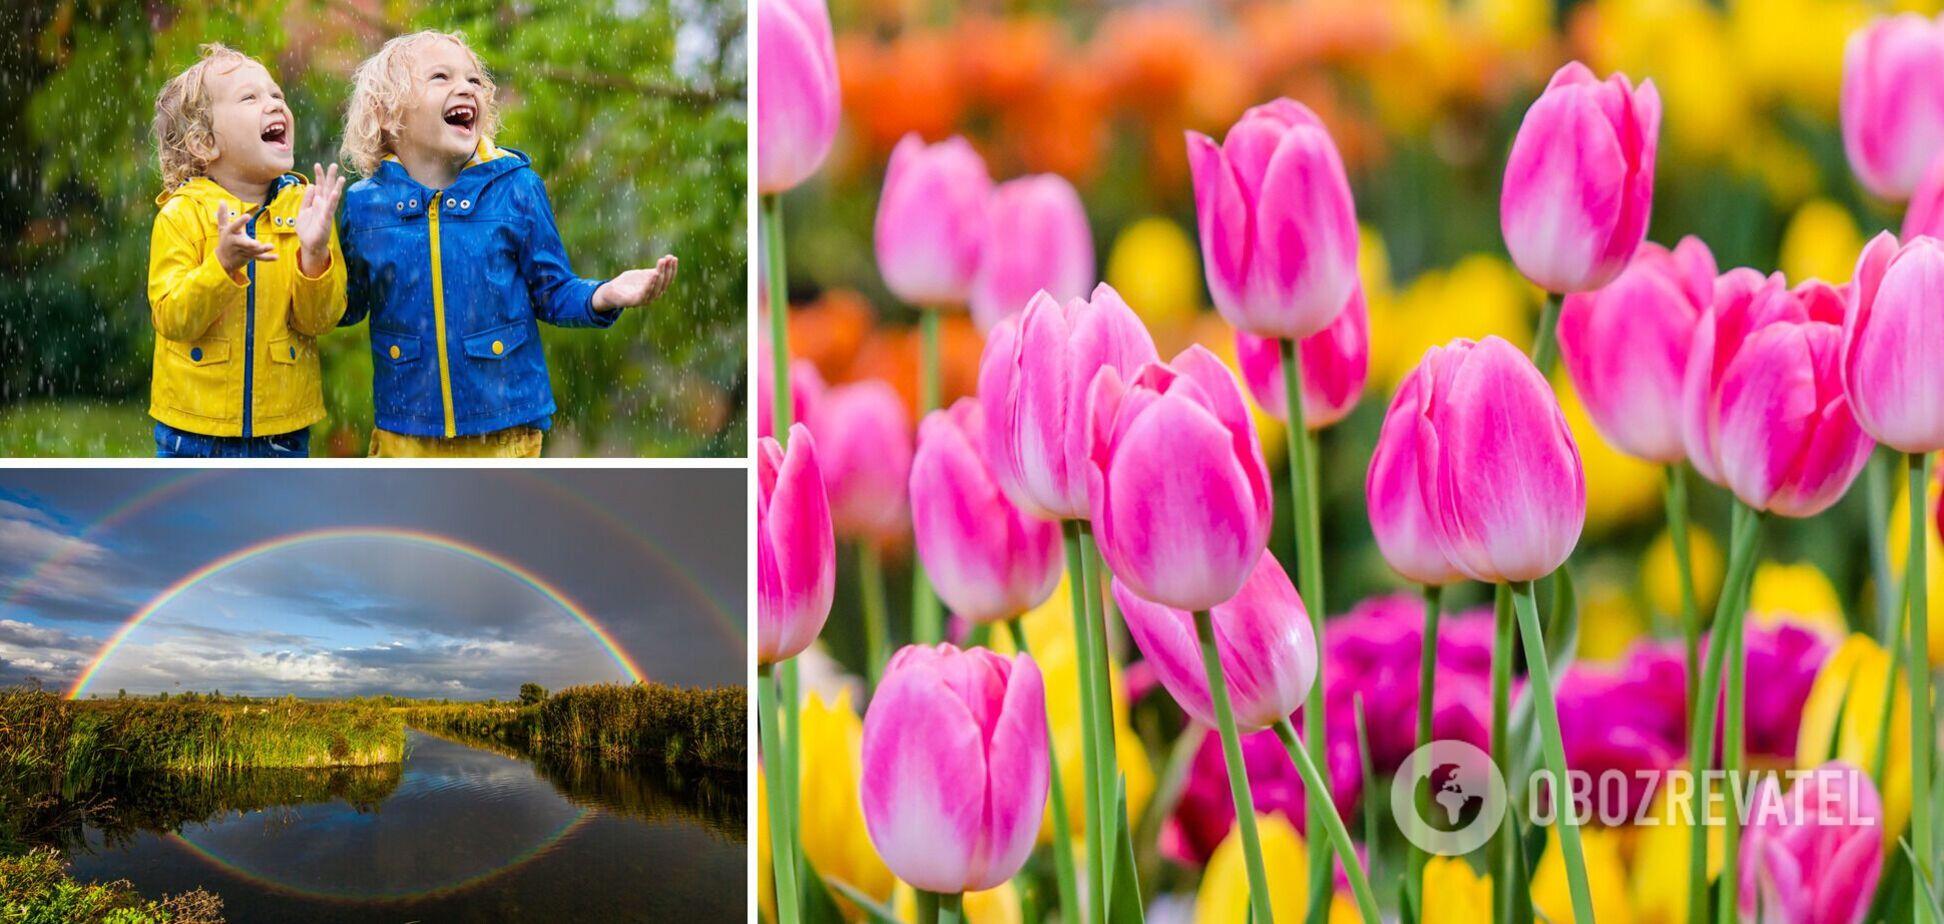 После потепления Украину накроют дожди и грозы: синоптики уточнили прогноз погоды до конца мая